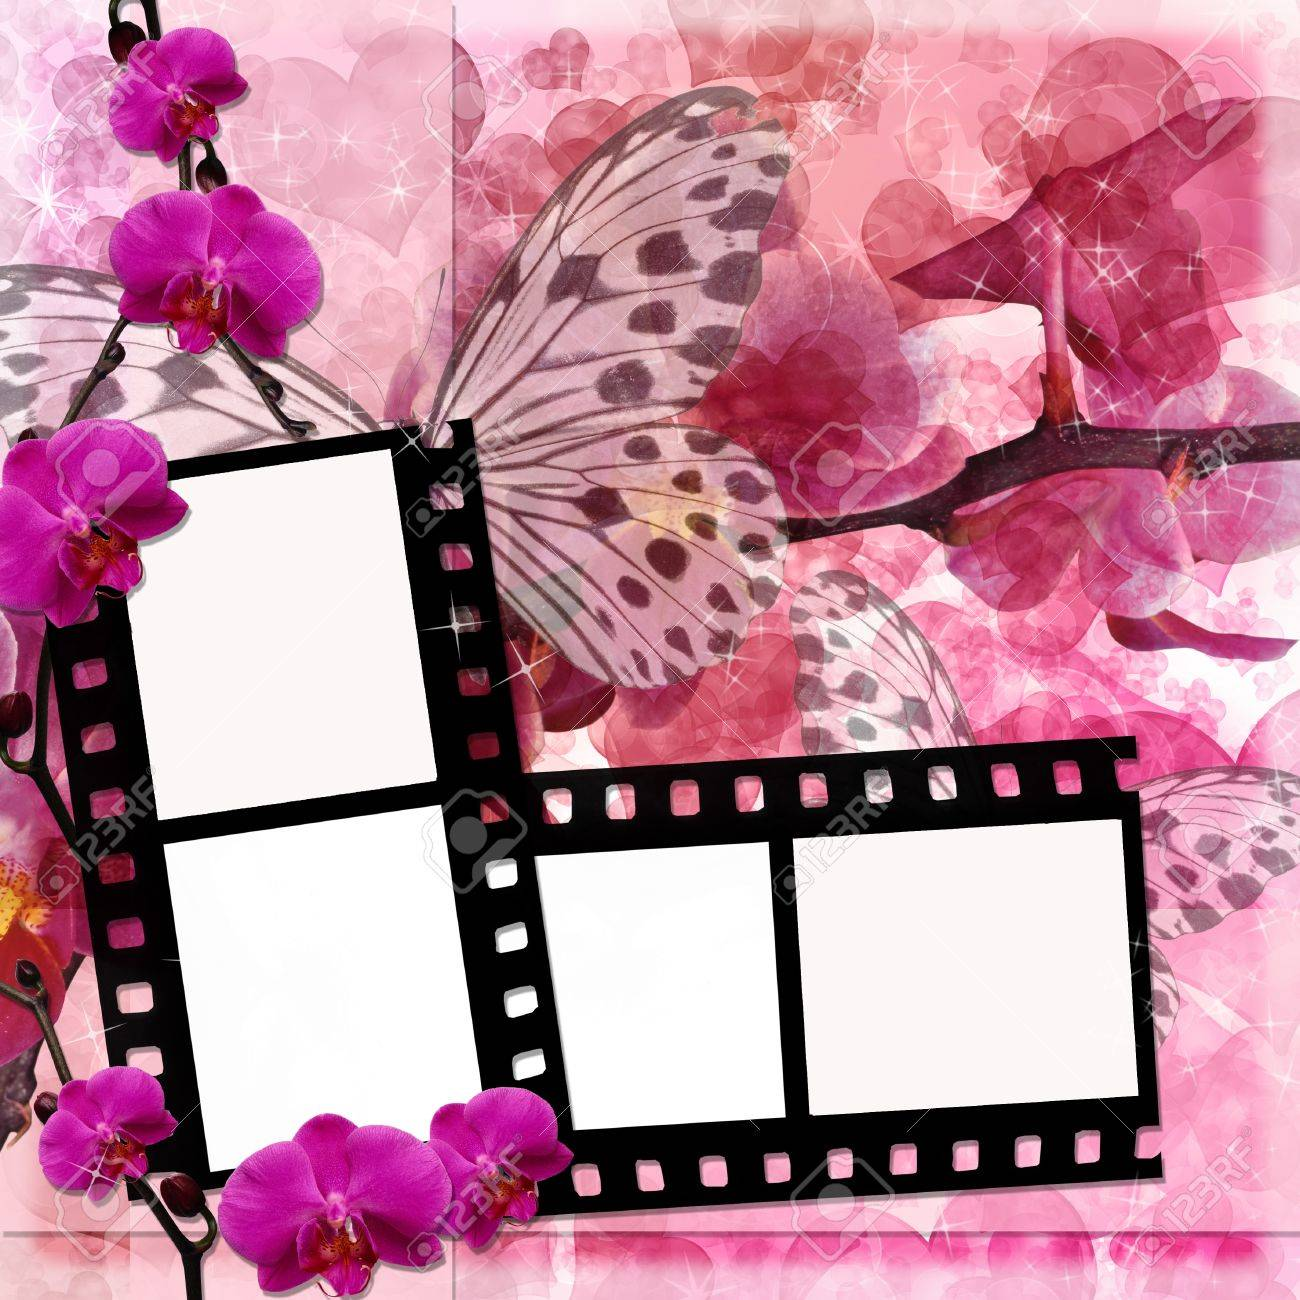 papillons et orchidées arrière-plan de fleurs roses avec cadre du